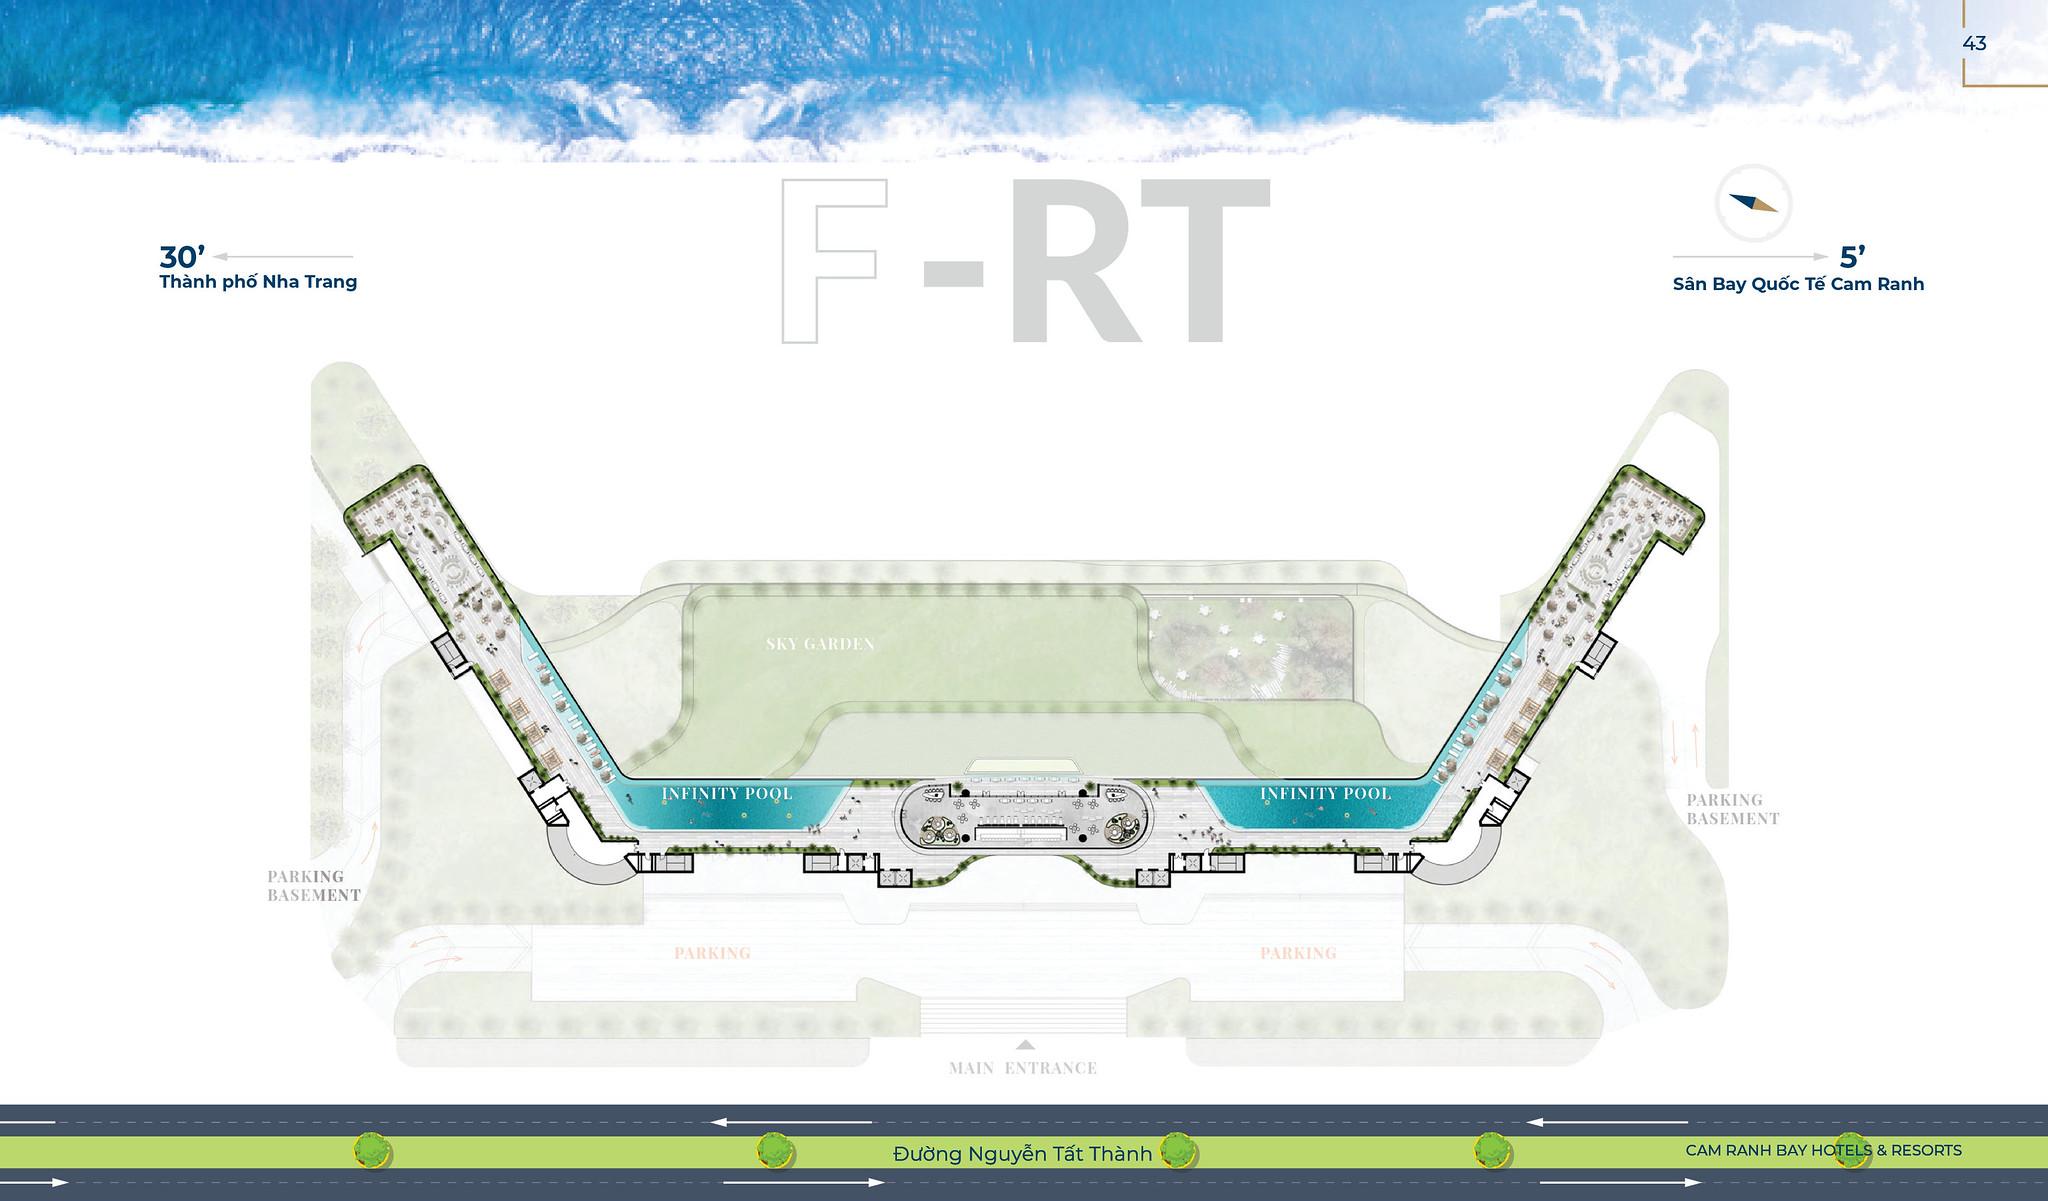 Mặt bằng tầng F-RT